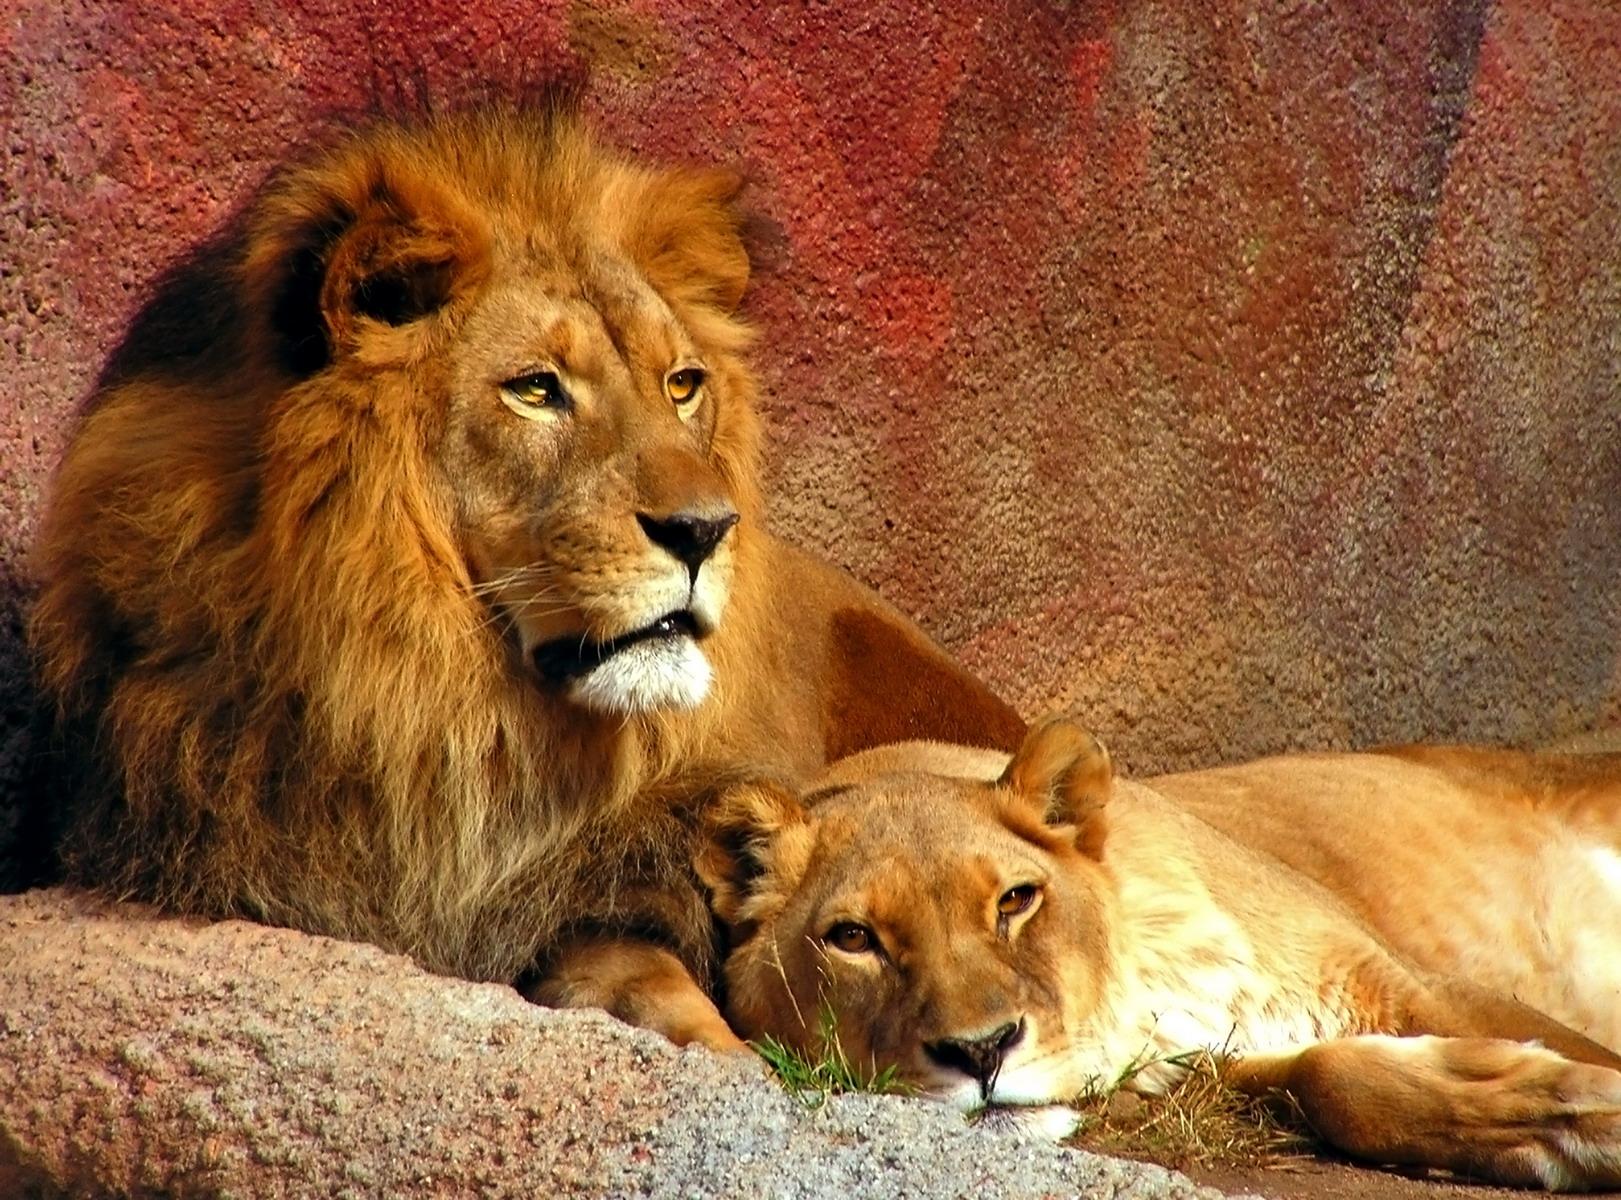 пара львов, лев и львицы, львы, скачать обои для рабочего стола, фото